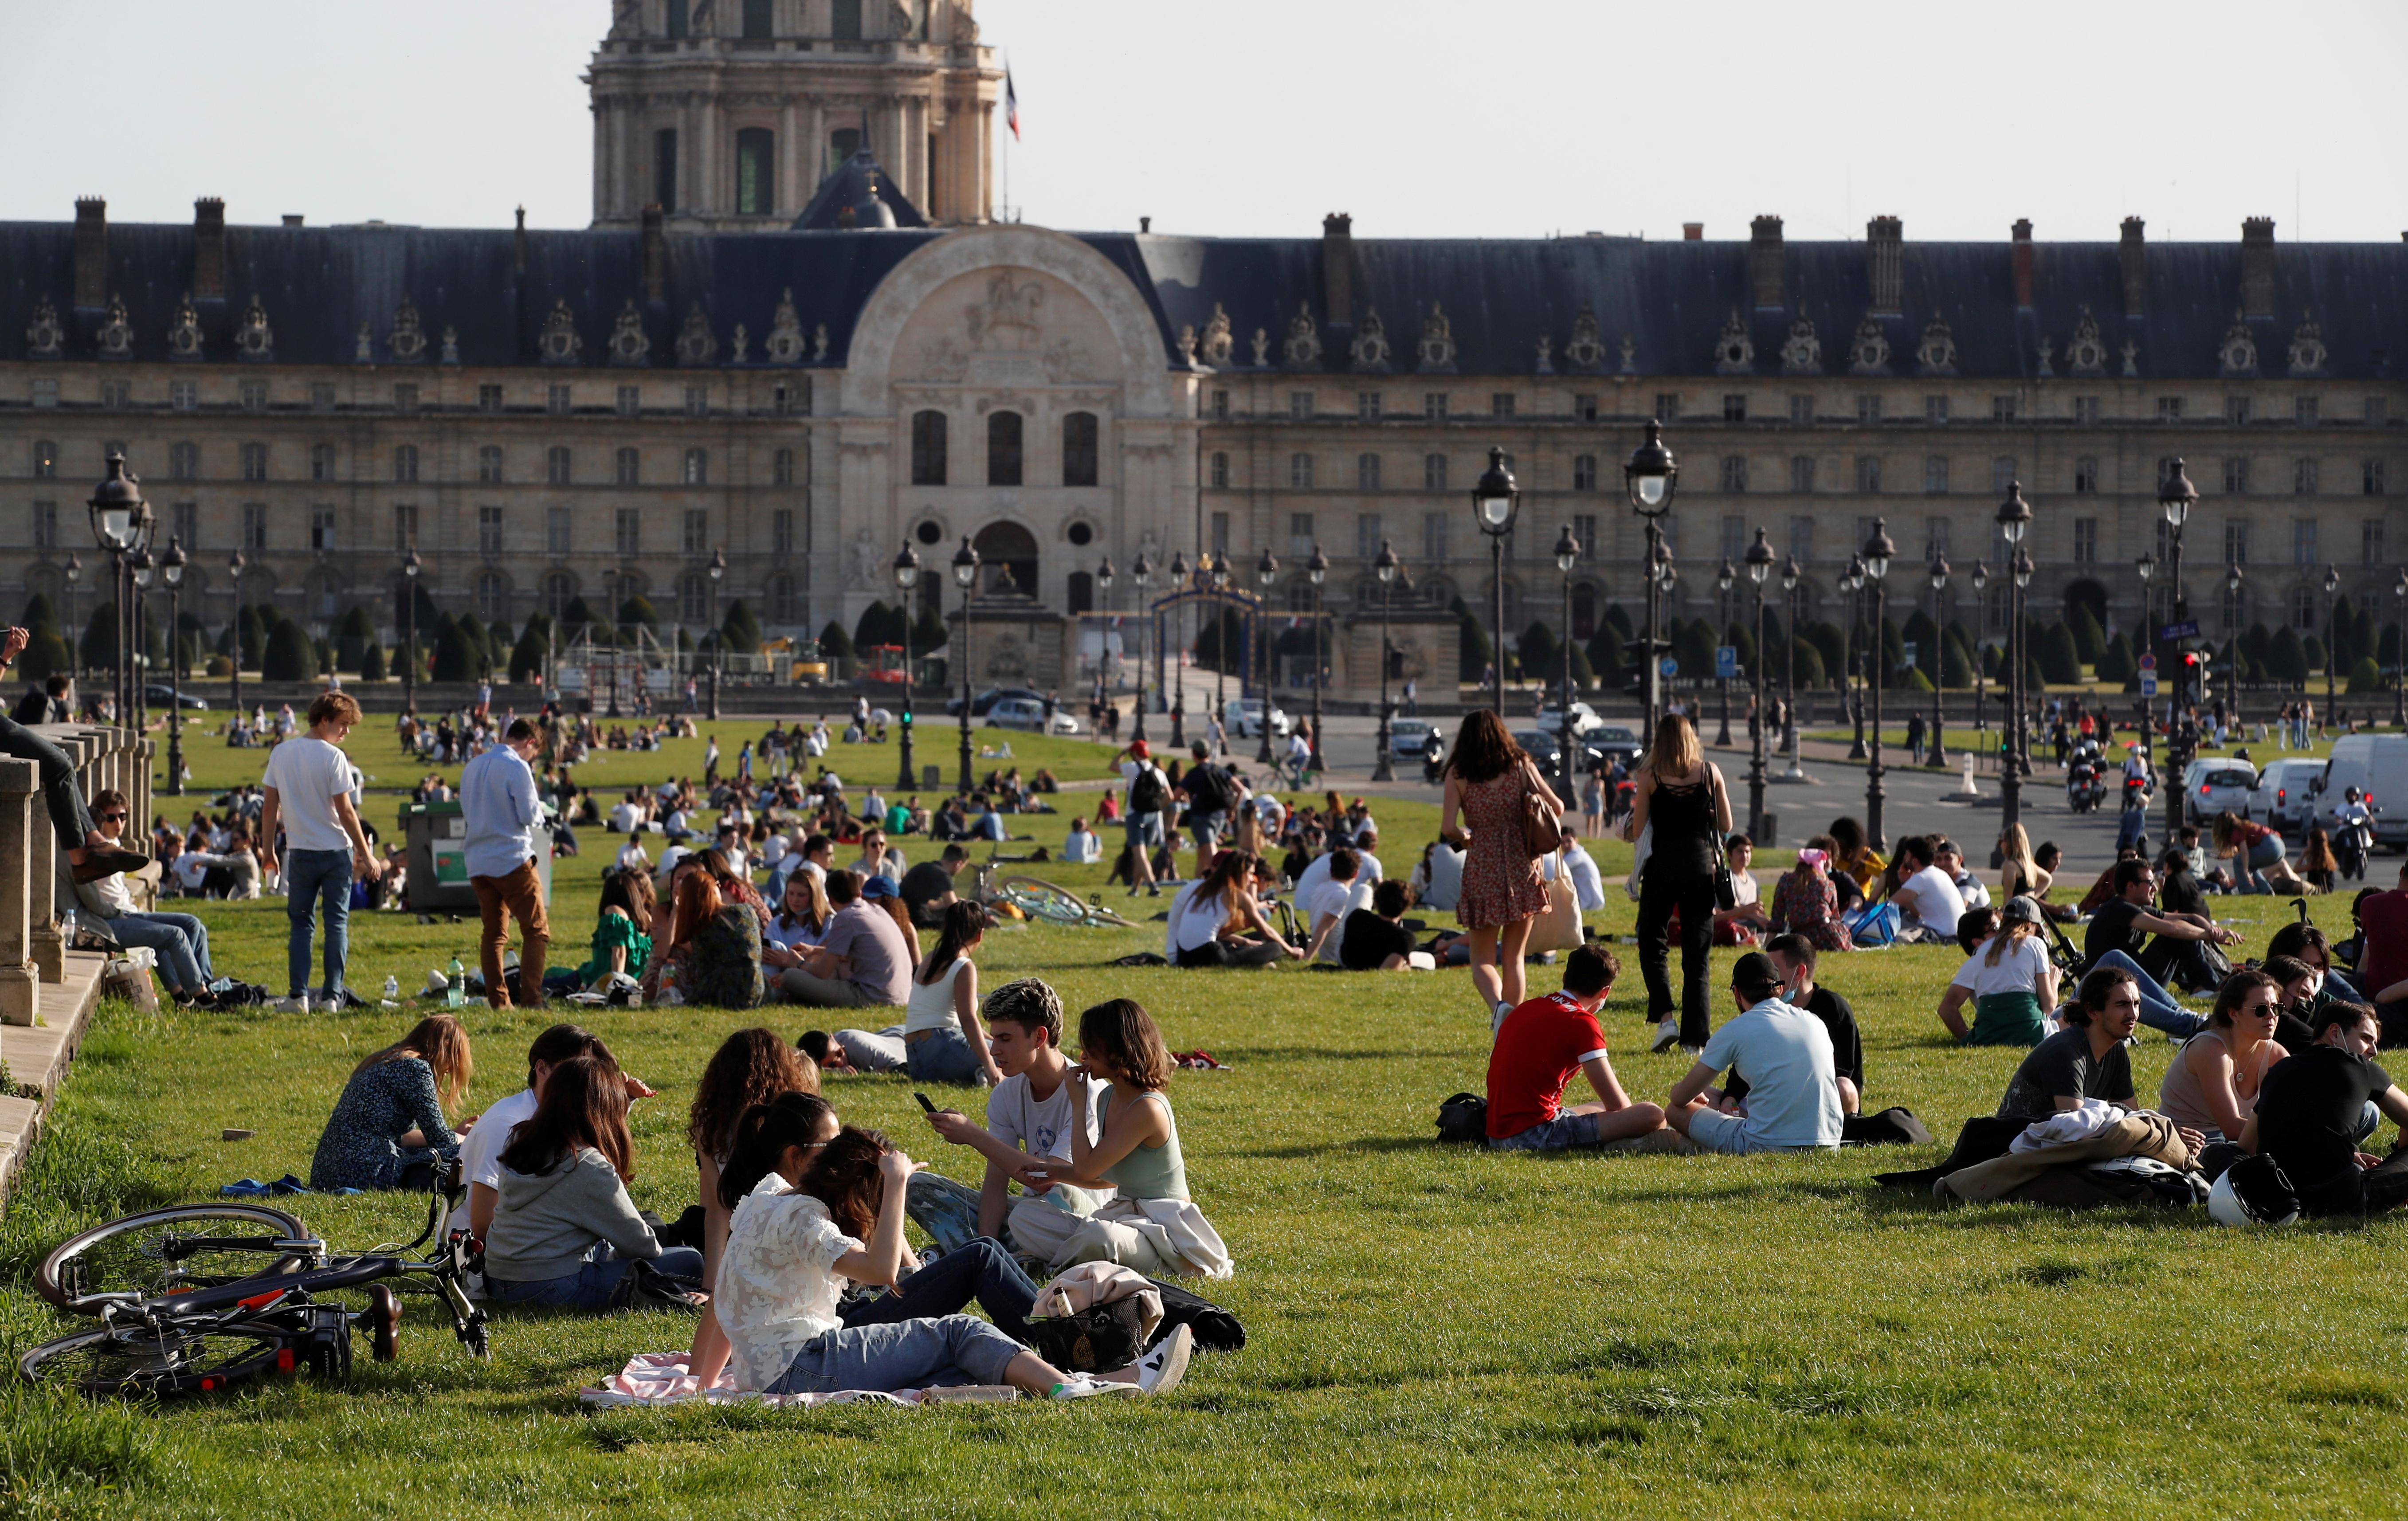 Mọi người tận hưởng thời tiết nắng ấm khi ngồi trên bãi cỏ gần điện Invalides ở Paris trong bối cảnh dịch bệnh do coronavirus (COVID-19) bùng phát ở Pháp, ngày 31 tháng 3 năm 2021. REUTERS / Gonzalo Fuentes